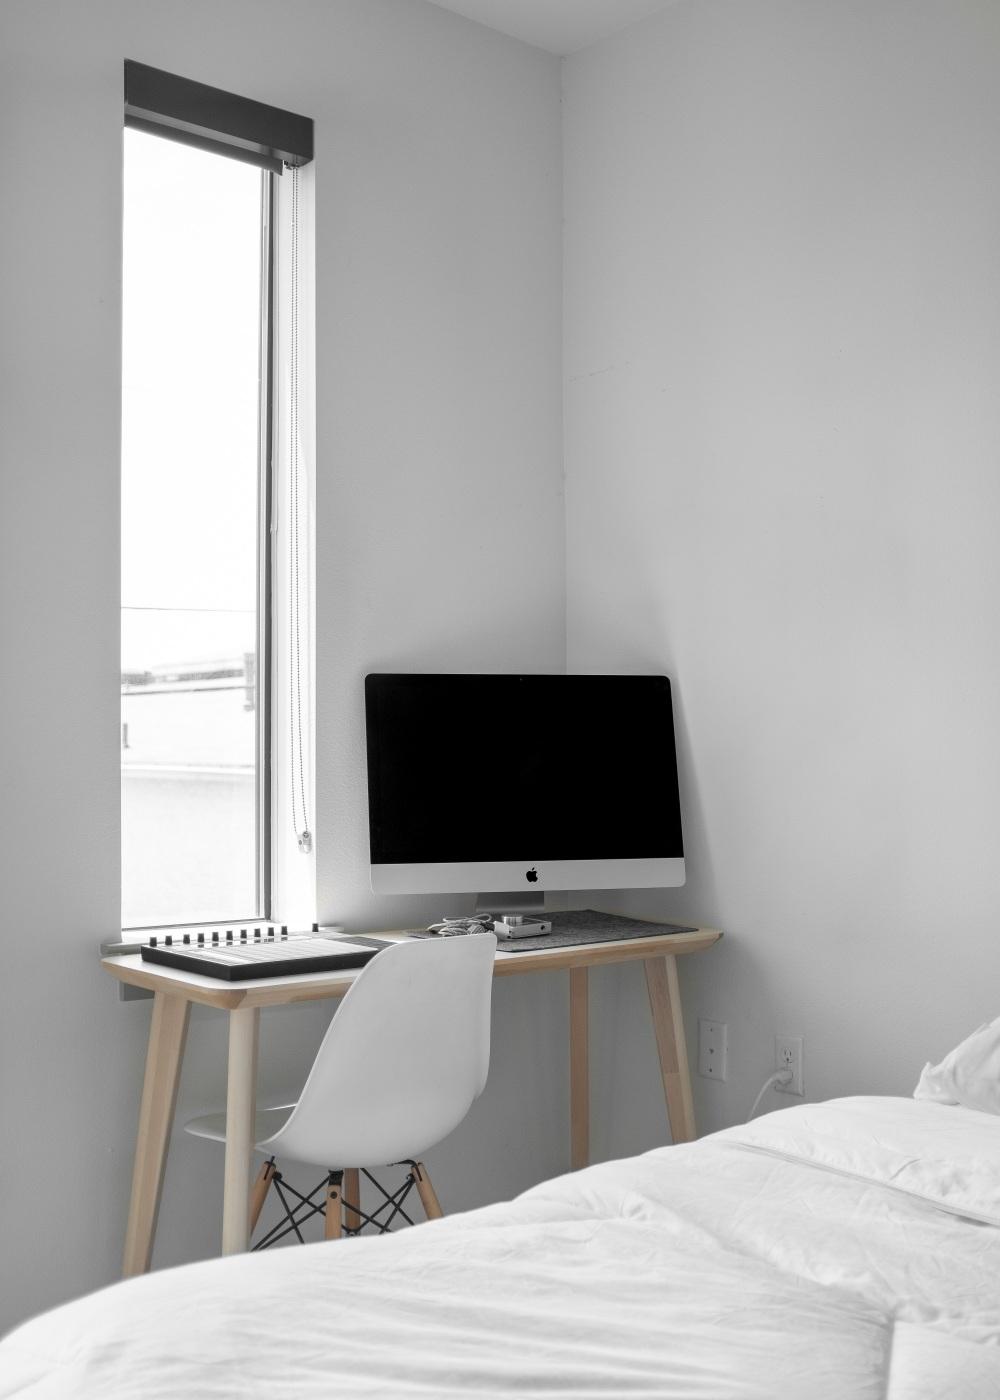 небольшая спальня с письменным столом, узкая спальня с письменным столом, письменный стол в спальне